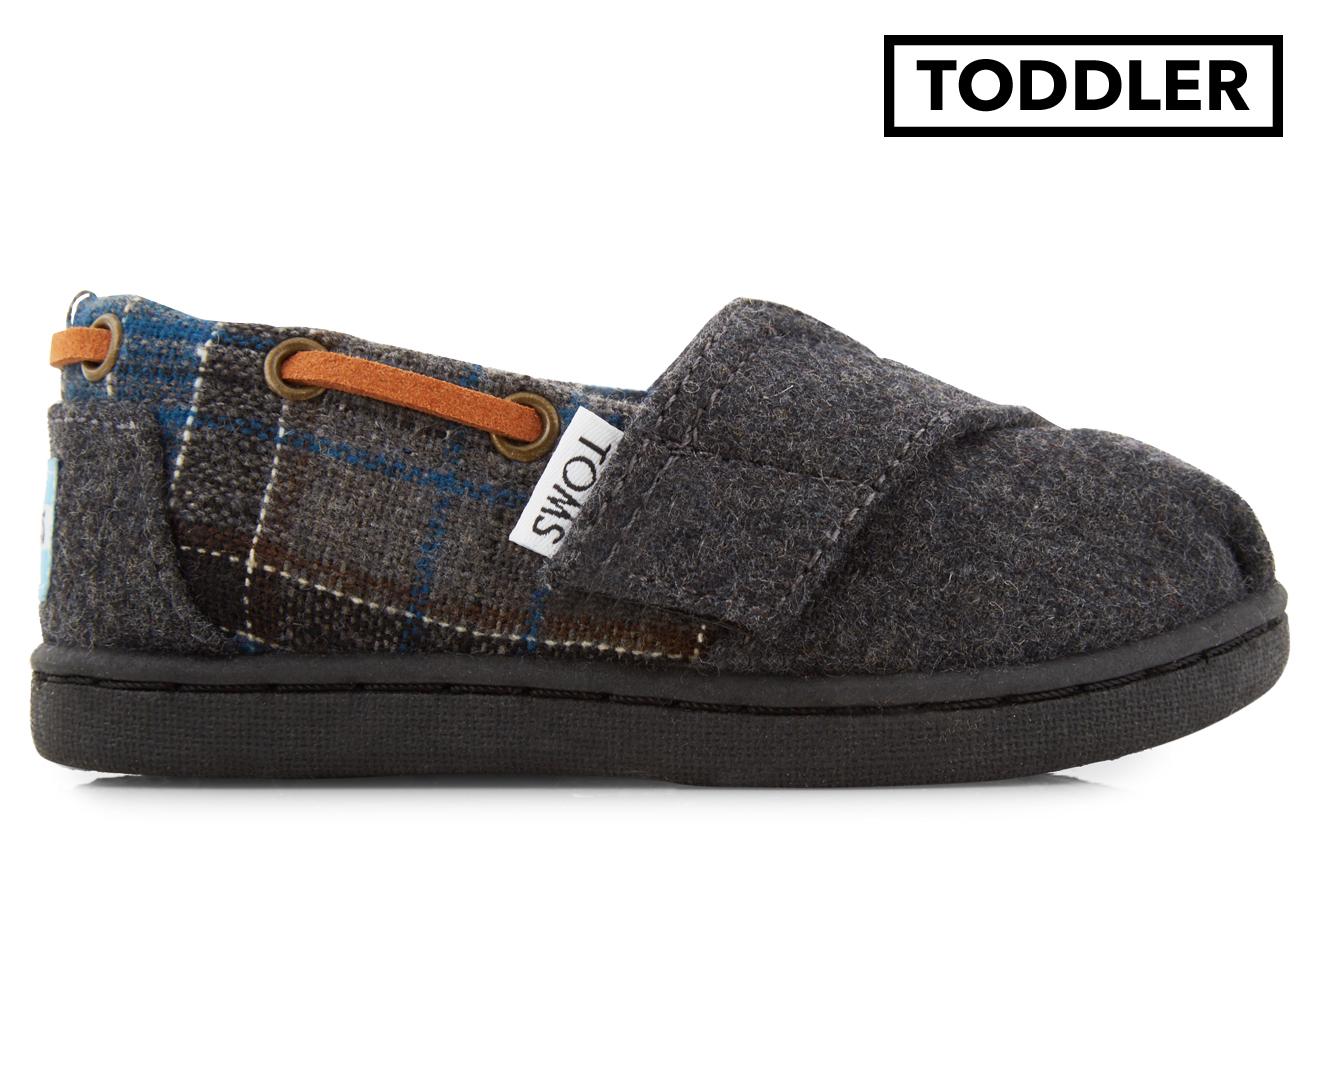 89e27ab48e3 TOMS Tiny Toddler Bimini Shoe - Blue Tartan